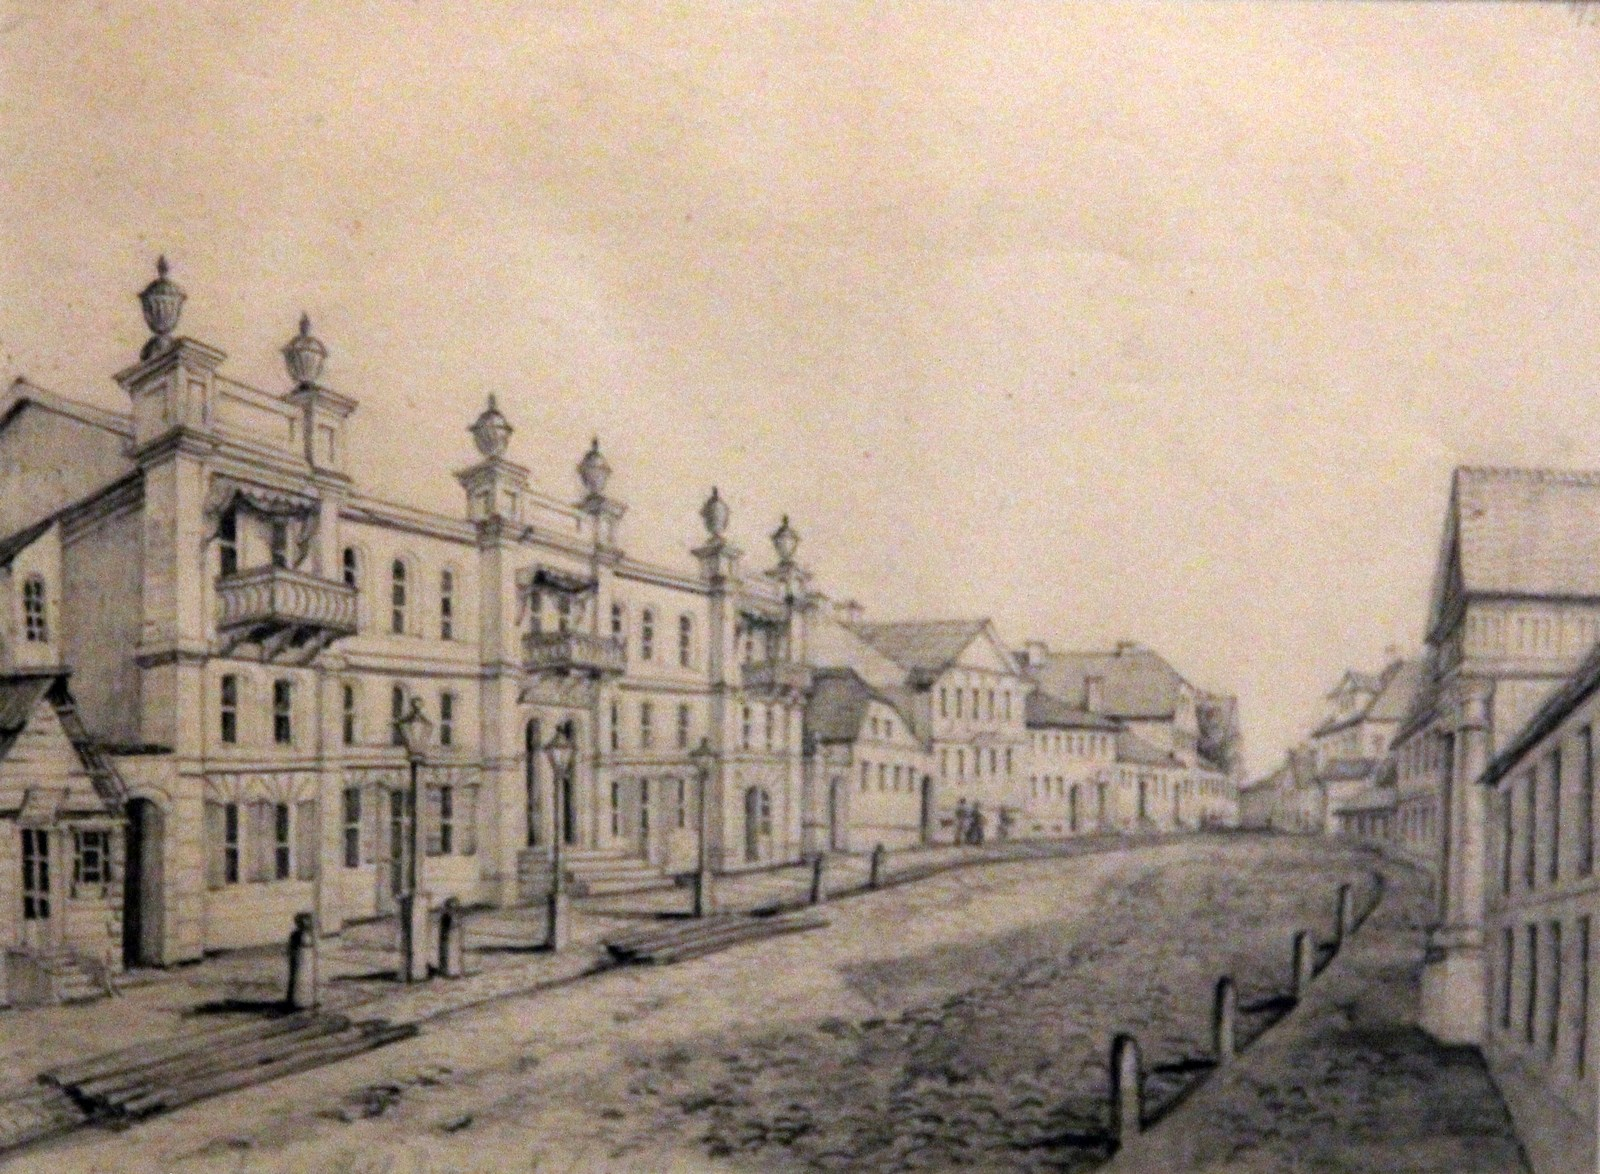 Орда Наполеон. 1807-1883 Гродно. Доминиканская улица с отелем Ромера. 1867 Рисунок карандашом Национальный музей в Кракове